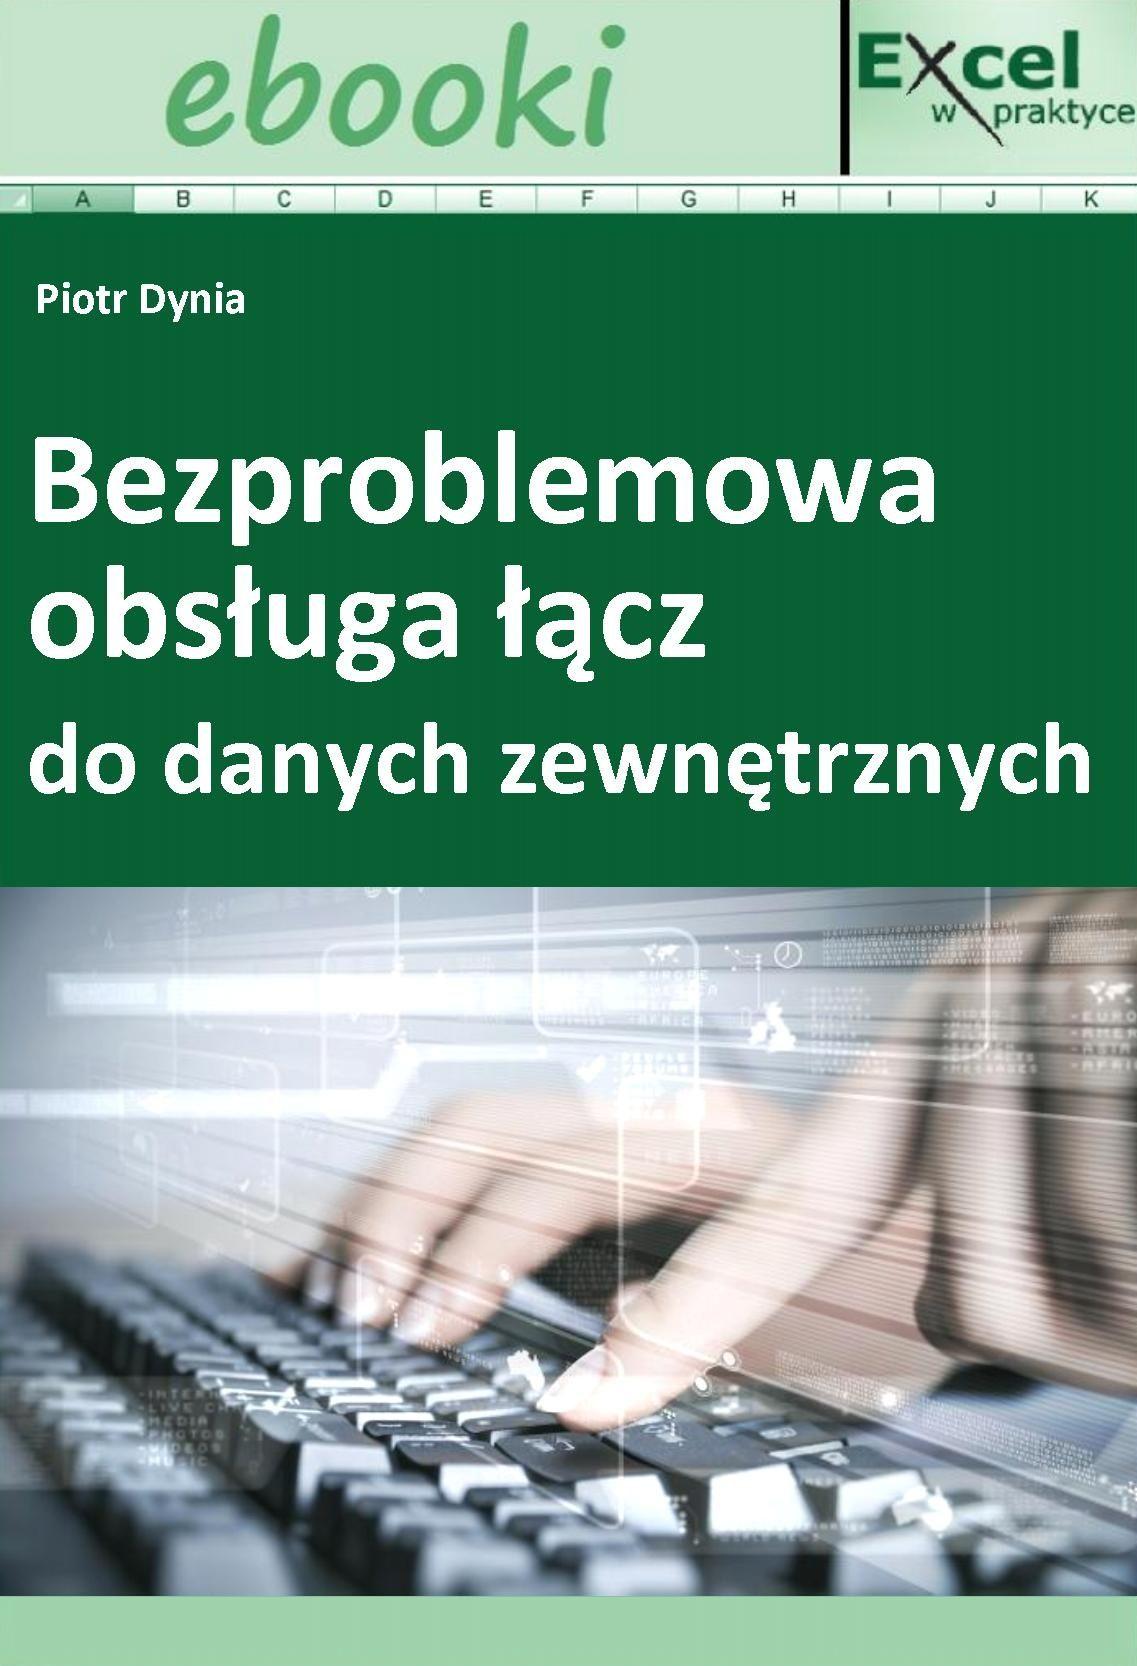 Bezproblemowa obsługa łącz do danych zewnętrznych - Ebook (Książka PDF) do pobrania w formacie PDF